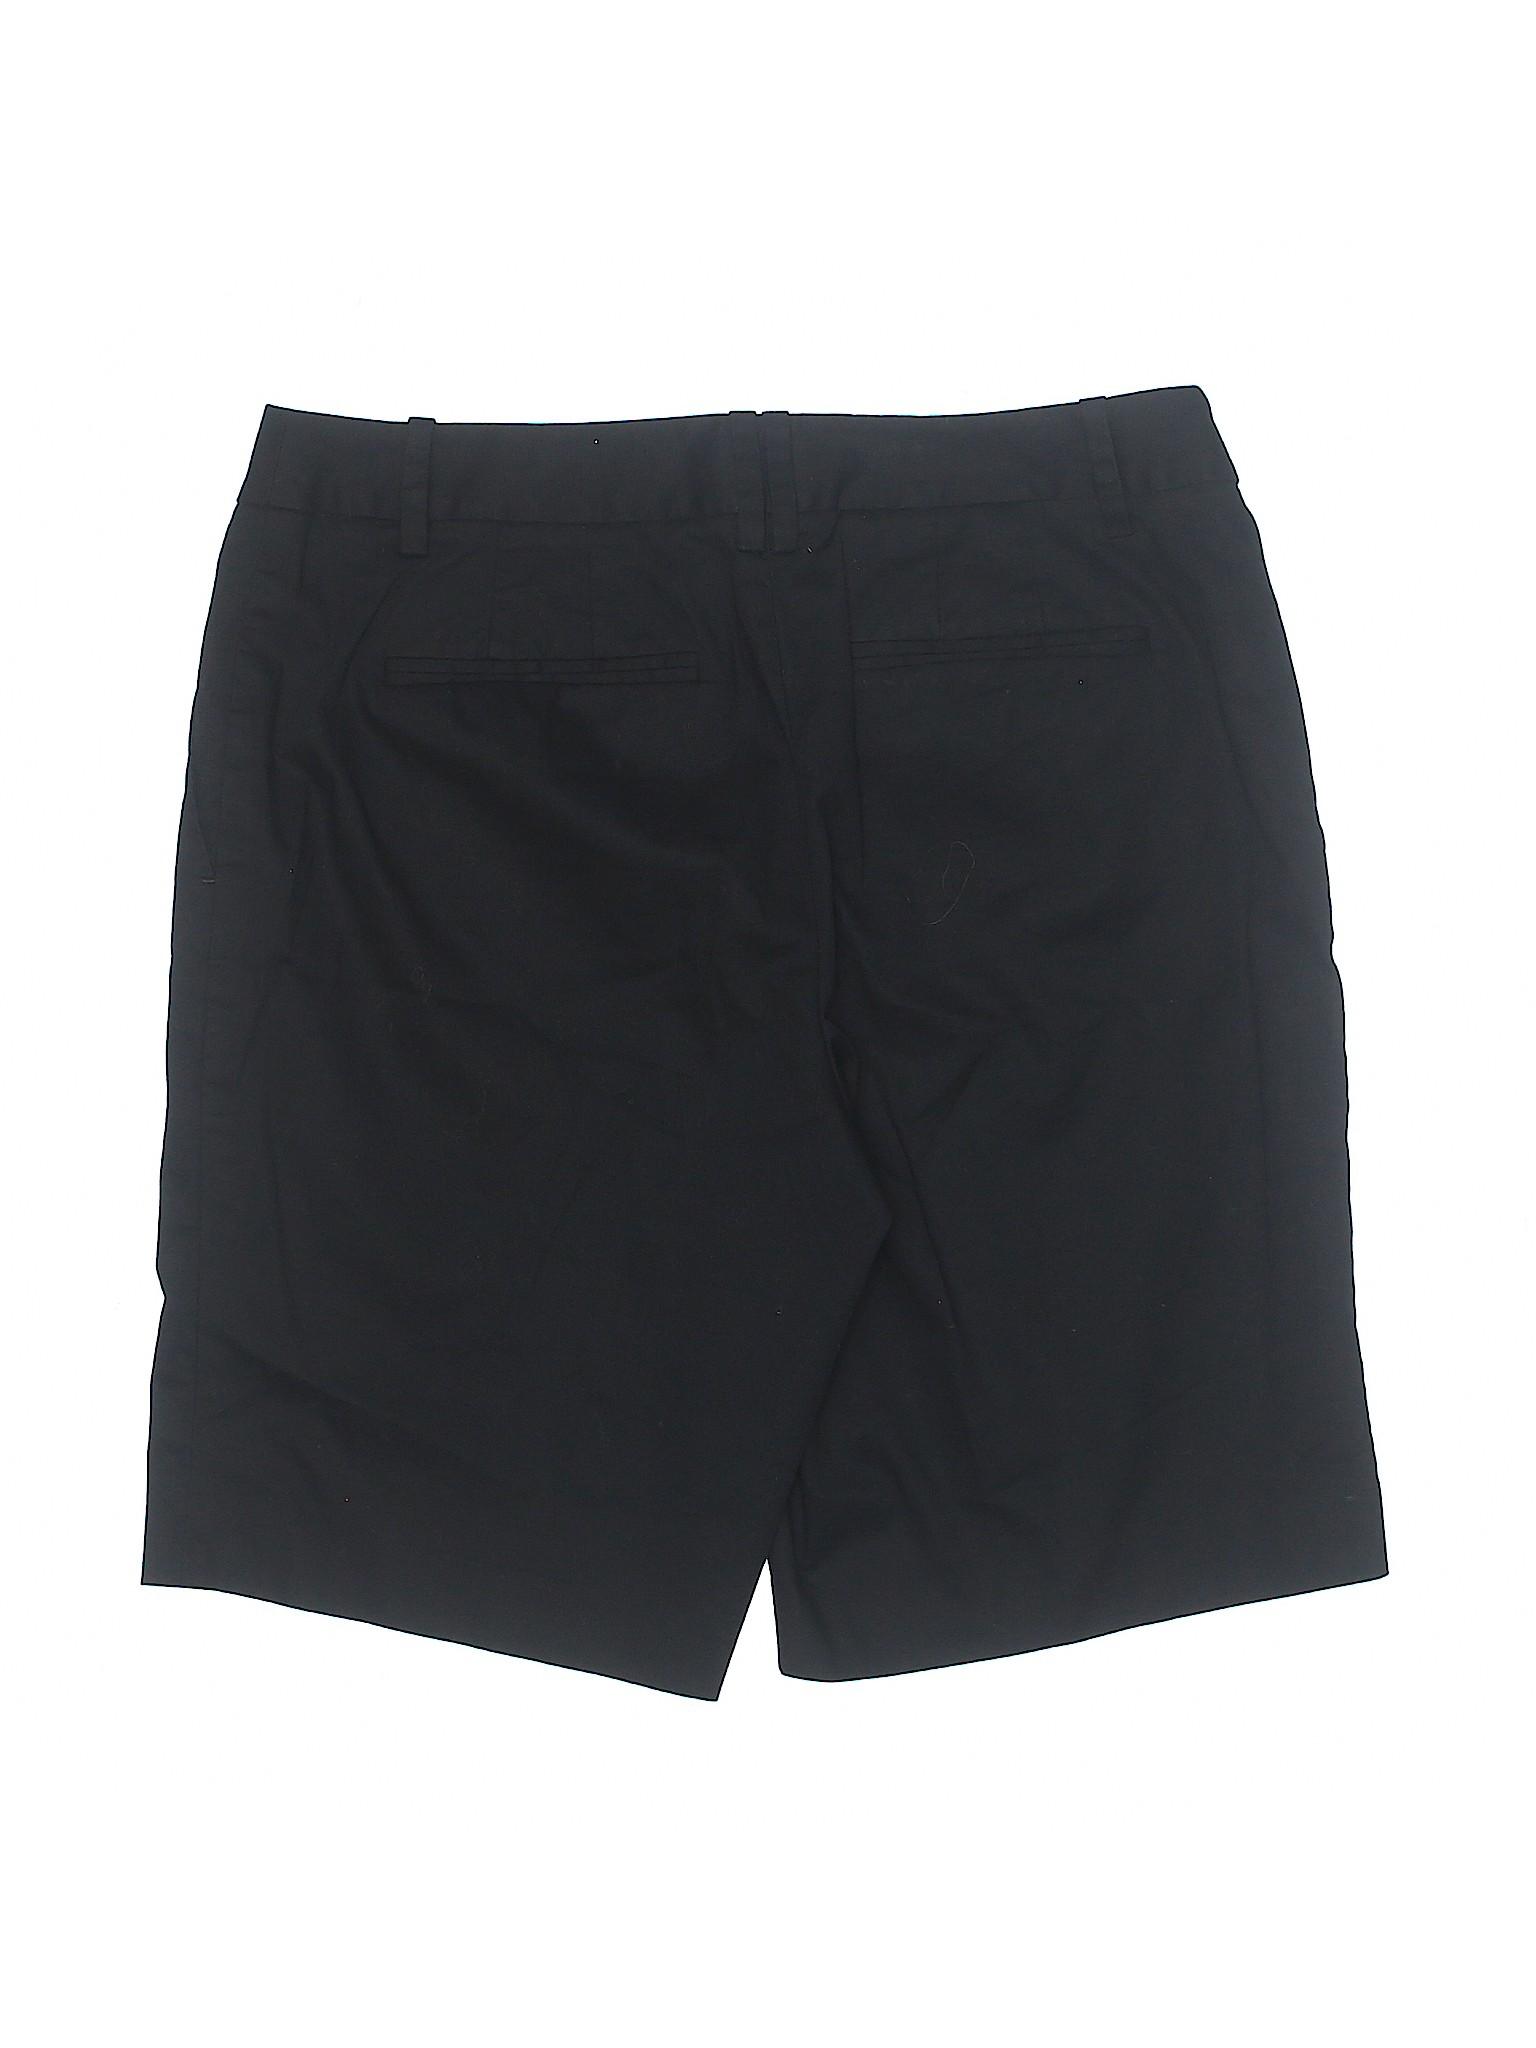 Khaki Boutique Shorts LOFT Ann Taylor FHxwqPxB